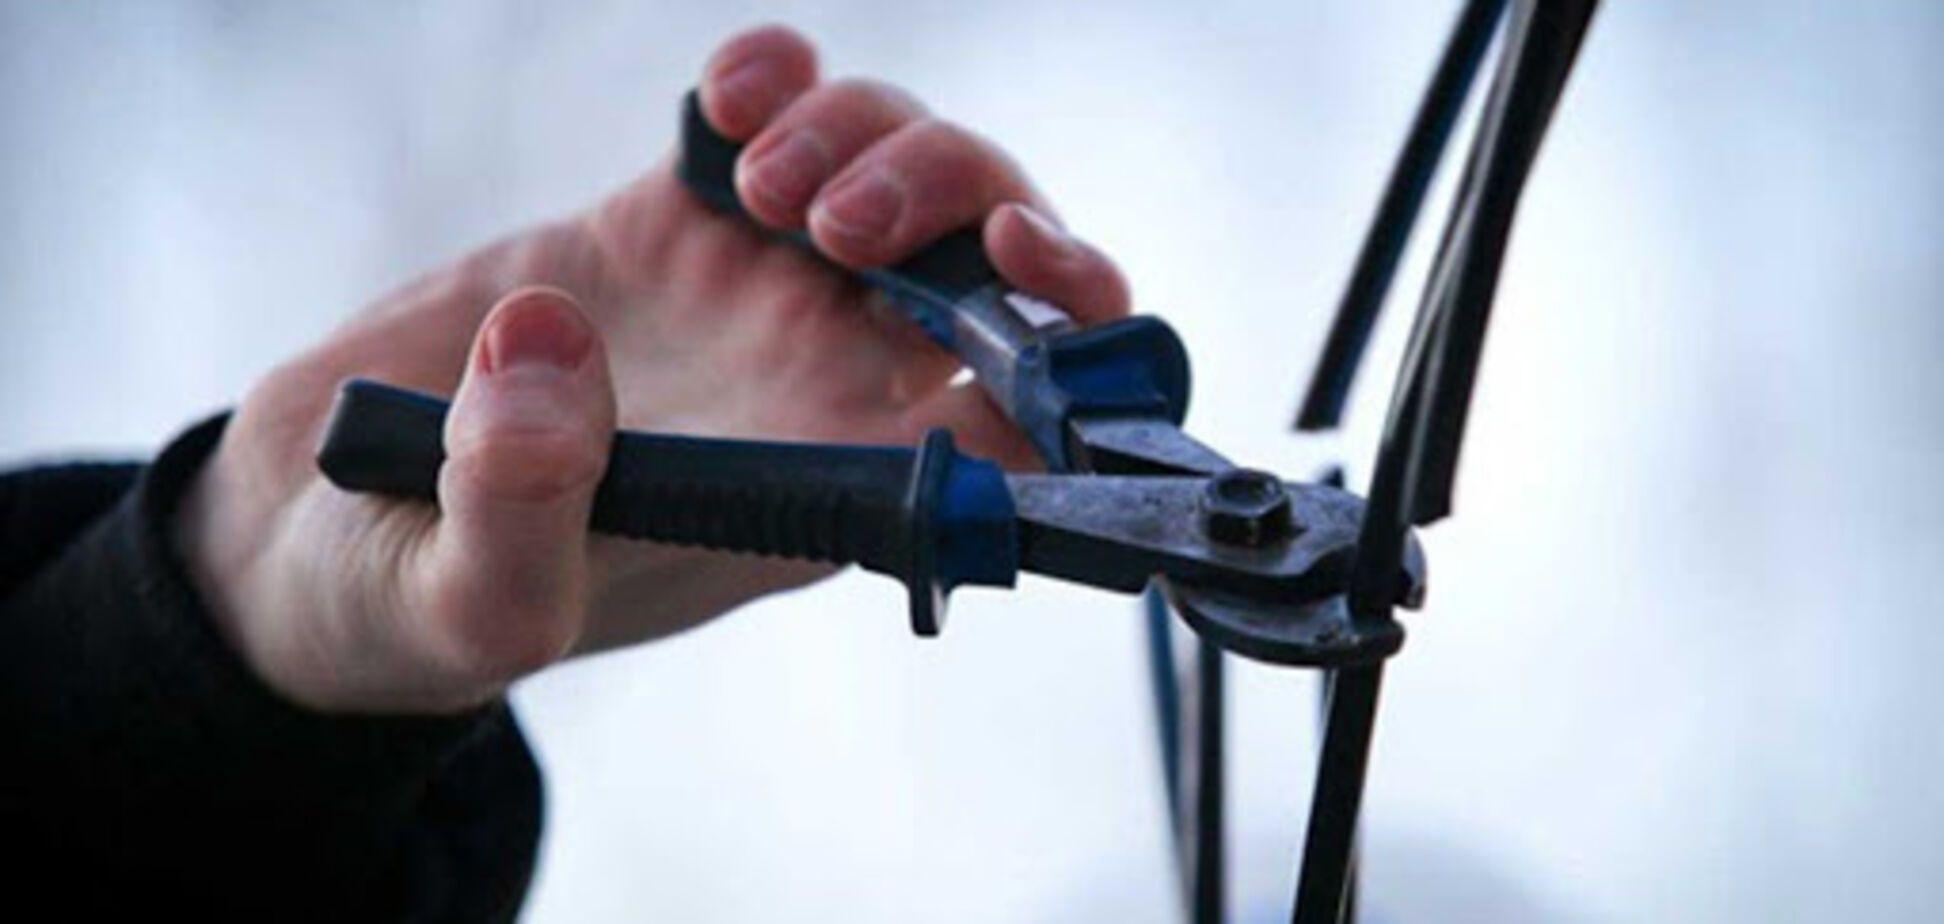 У Дніпрі крадій кабелю зламав поліцейському ключицю під час затримання. Фото